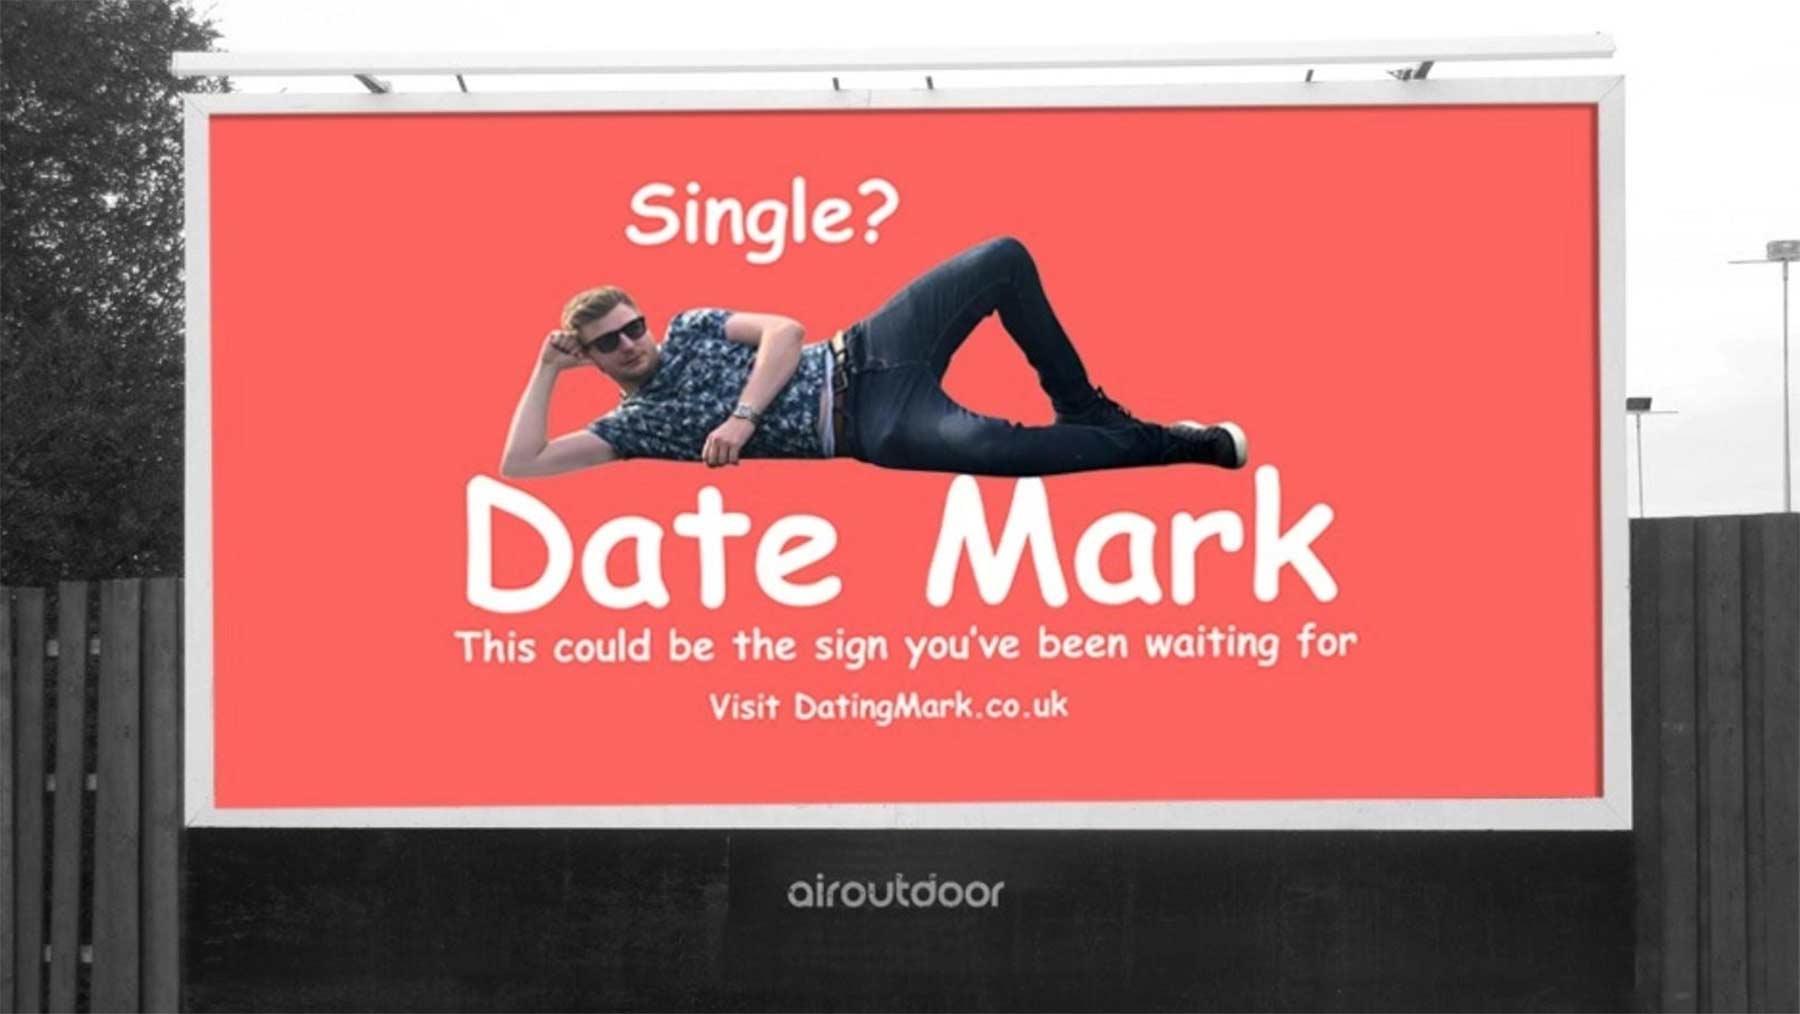 Mann bucht großes Werbeplakat, um Frauen kennen zu lernen date-mark-werbetafel_04